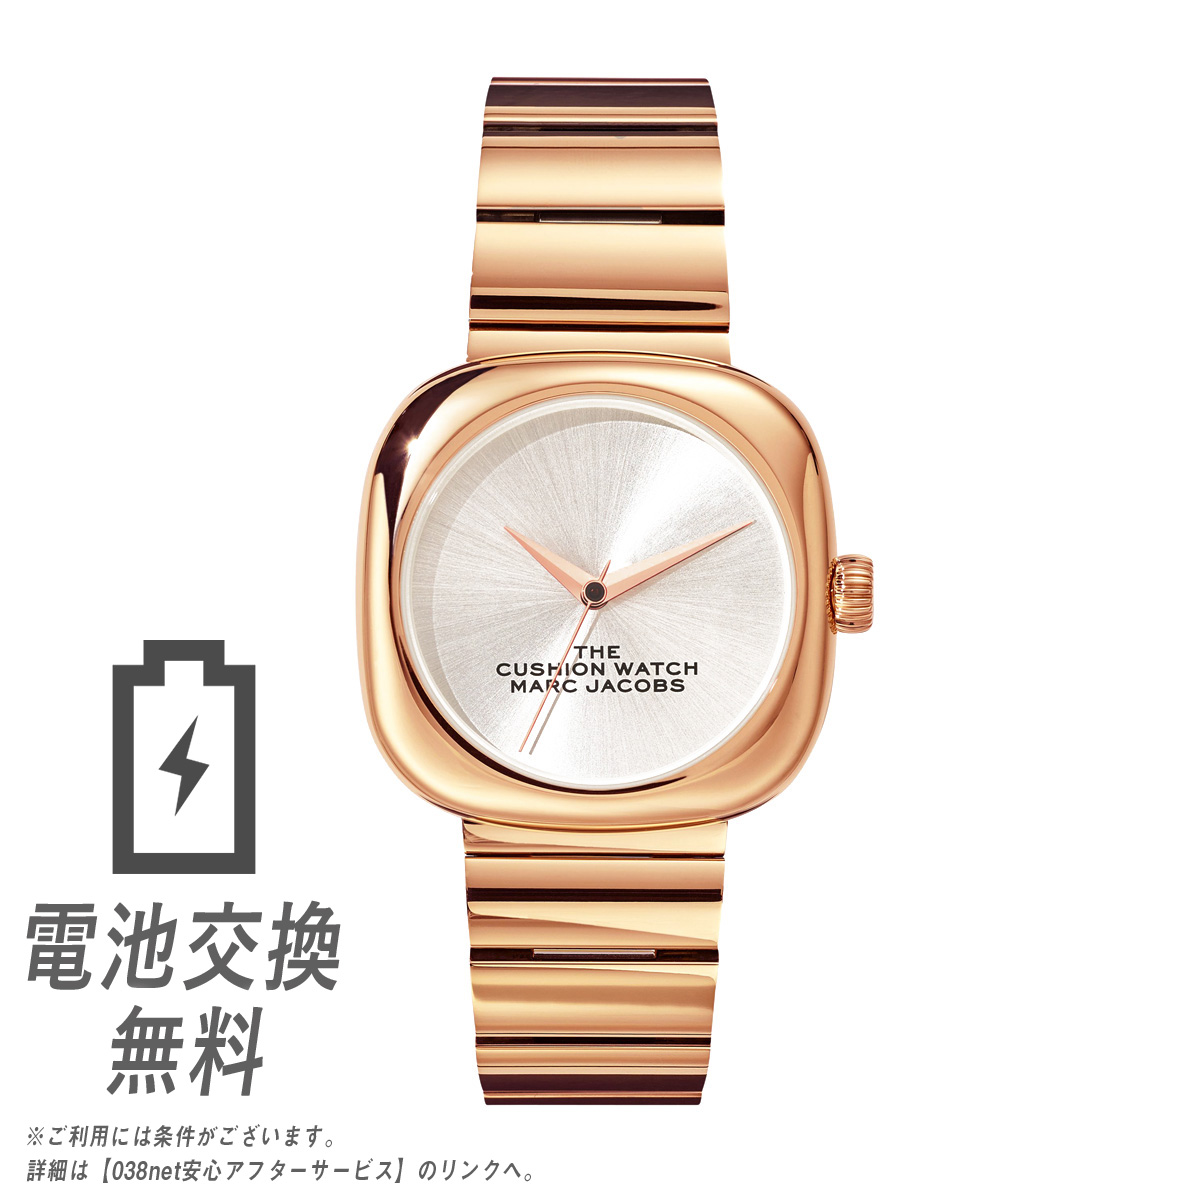 【ラッピング無料】MARC JACOBS マークジェイコブス クッションウォッチ レディース 腕時計 シルバー ローズゴールド ゴールド 20179299 The Cushion Watch 36mm M8000732-660-1SZ 女性用 時計